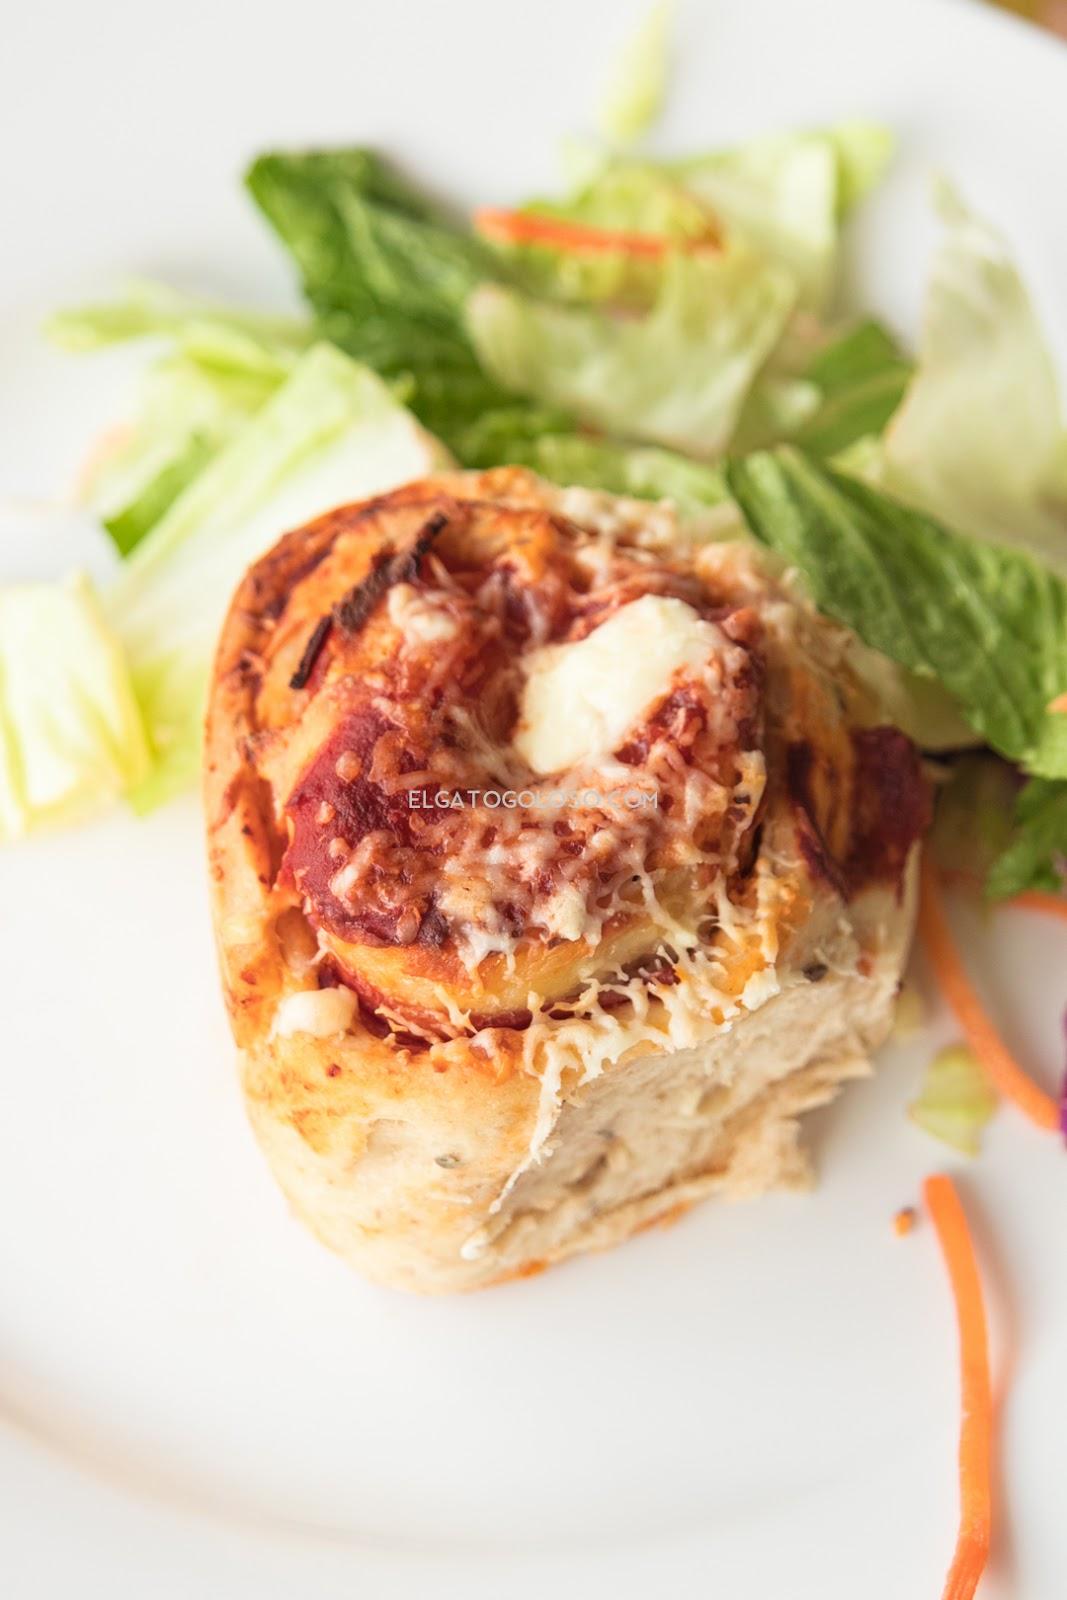 pizza rolls para enamorar, la receta más sencilla para hacerlos en casa. Receta vía www.elgatogoloso.com